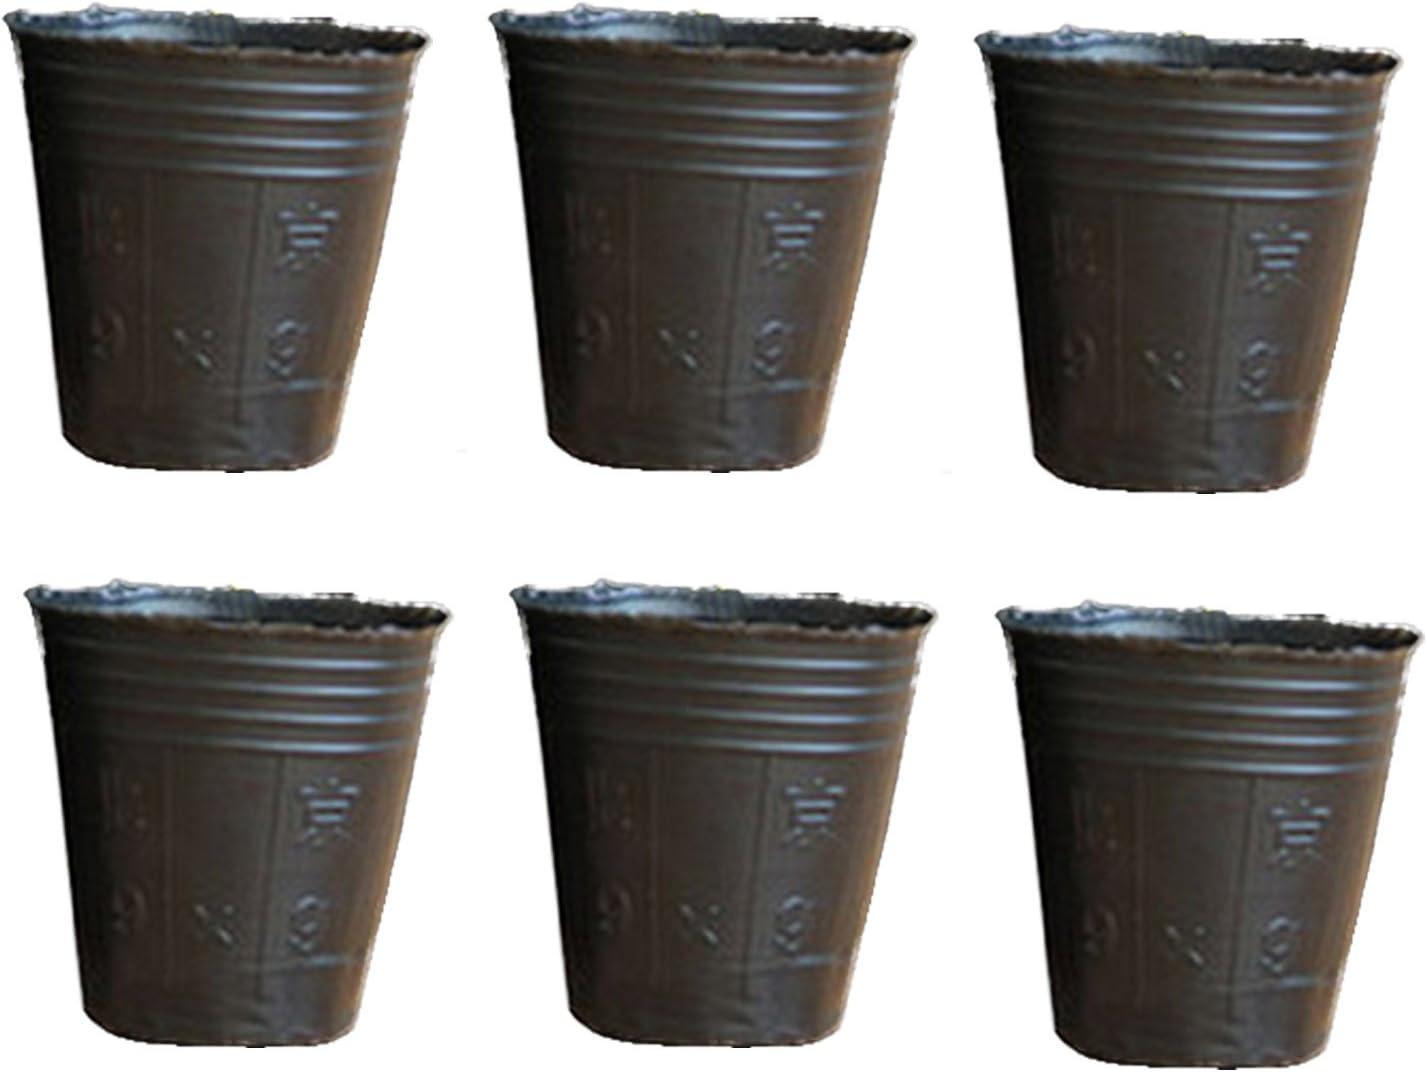 200Pcs desechables plantas de plástico macetas bandeja de semillas perfecto para plantas de jardinería al aire libre en interiores 3.94 x 3.74 pulgadas